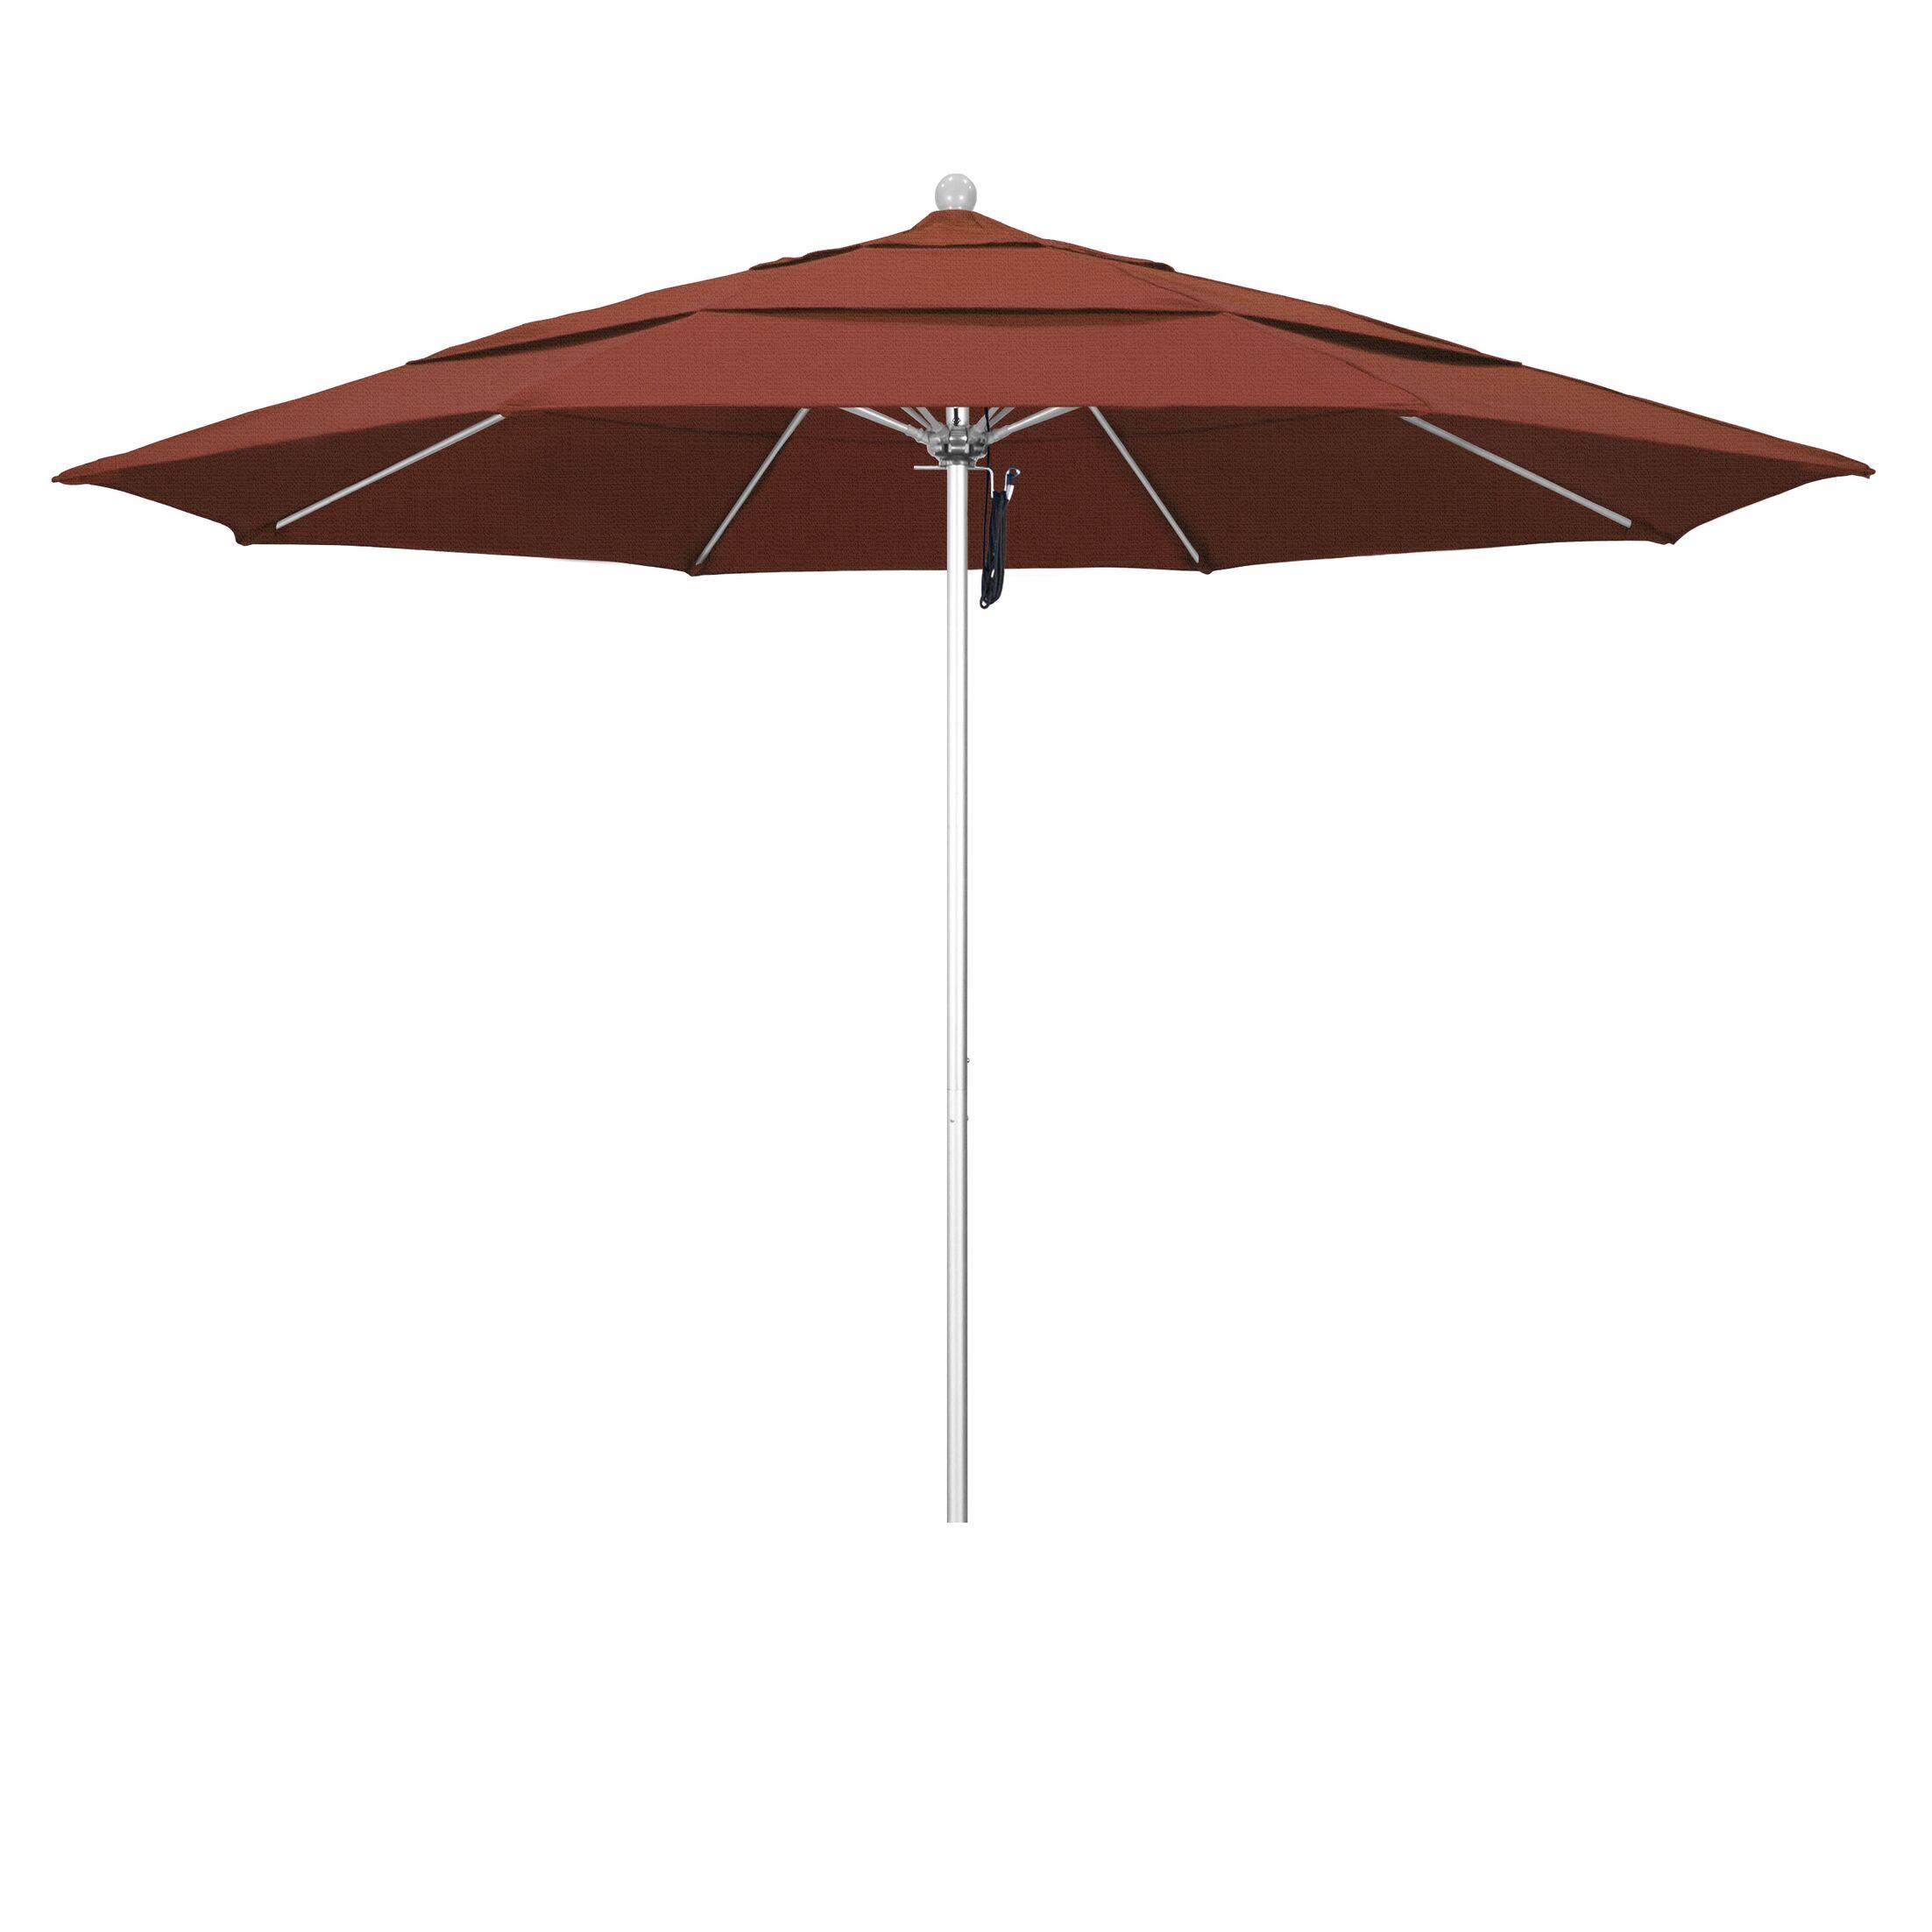 11' Market Umbrella Color: Terracota